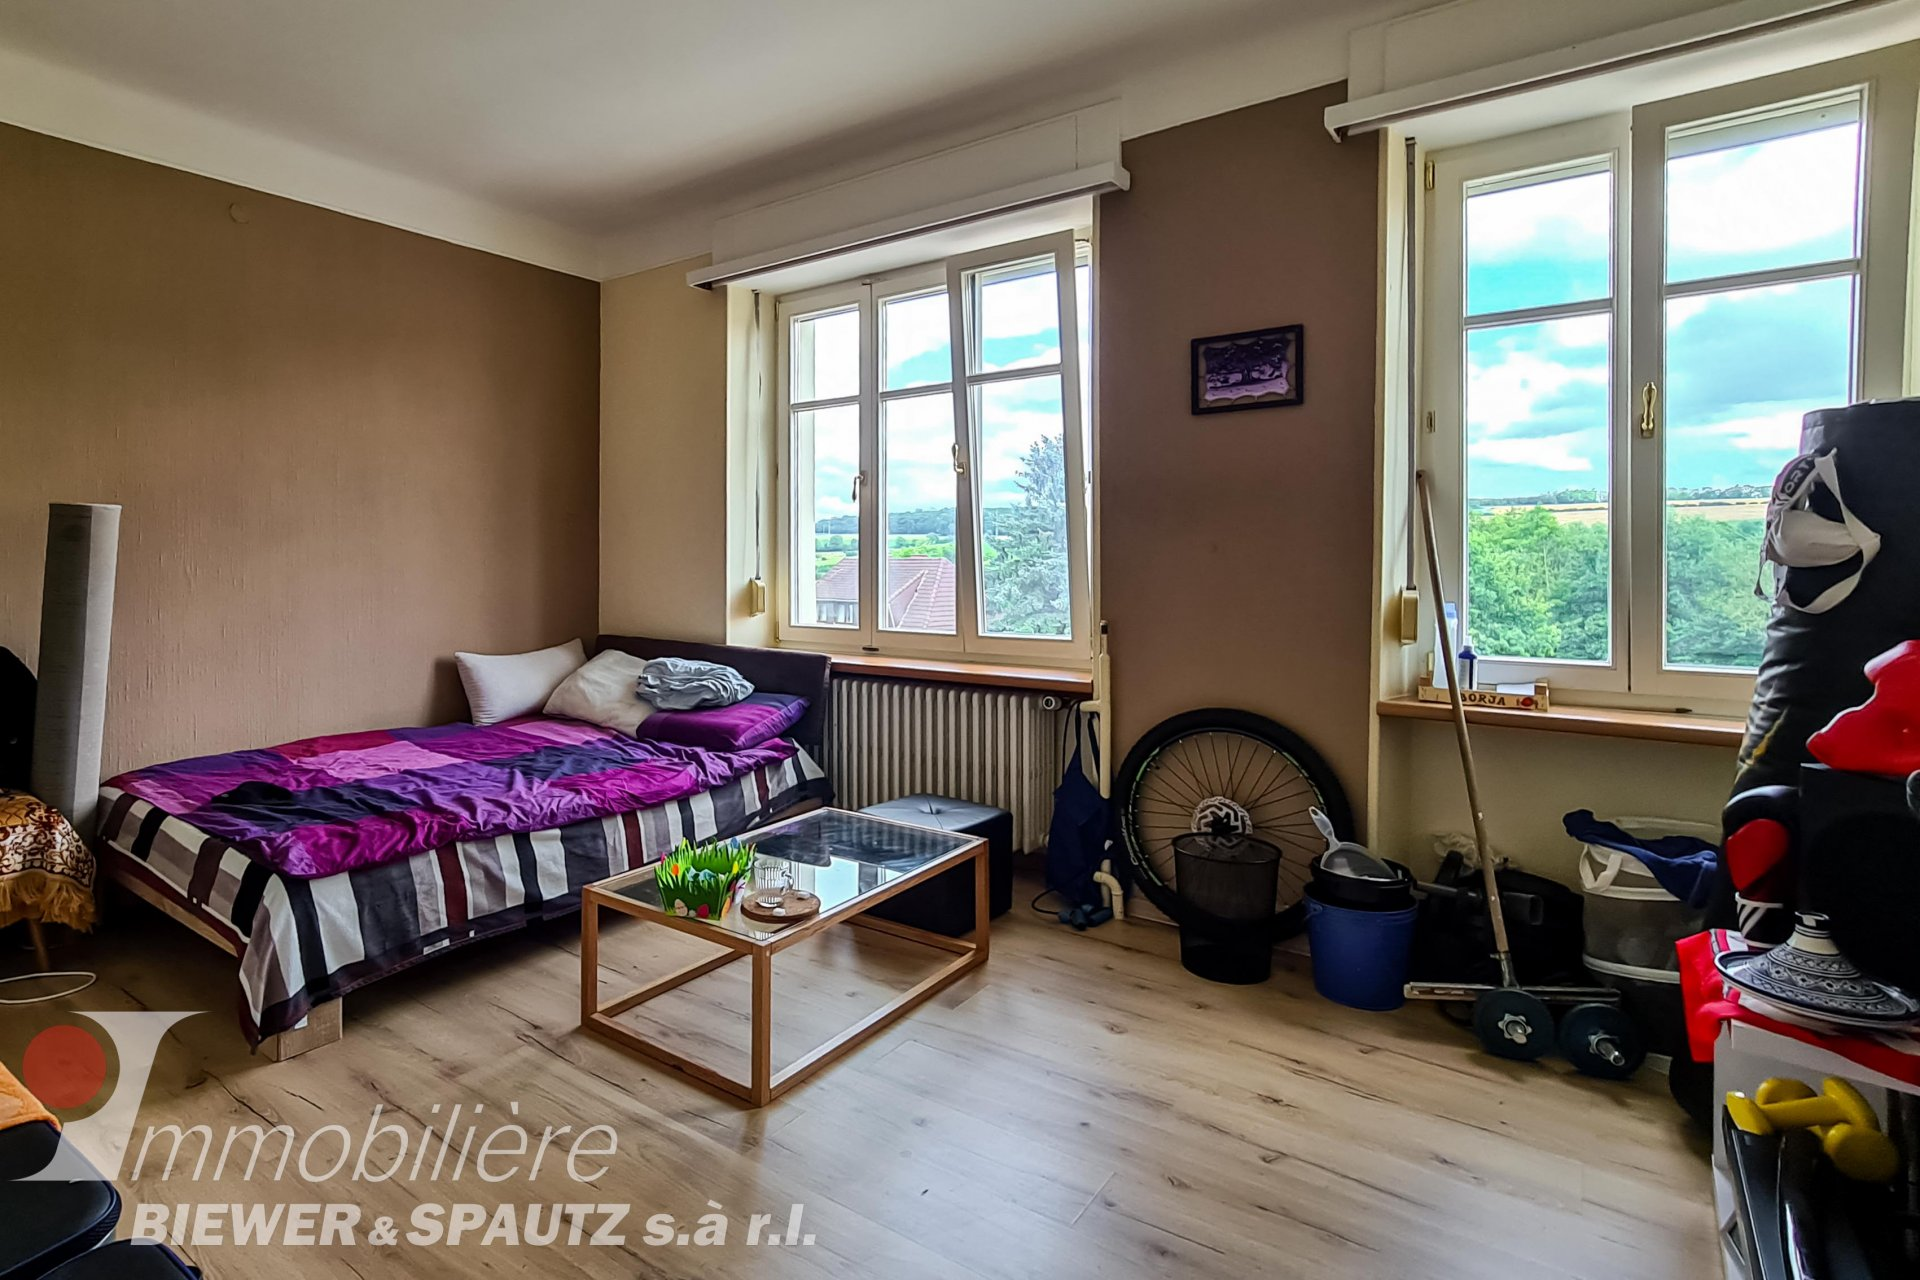 ZU VERKAUFEN - Haus mit 5 Schlafzimmern in Wecker